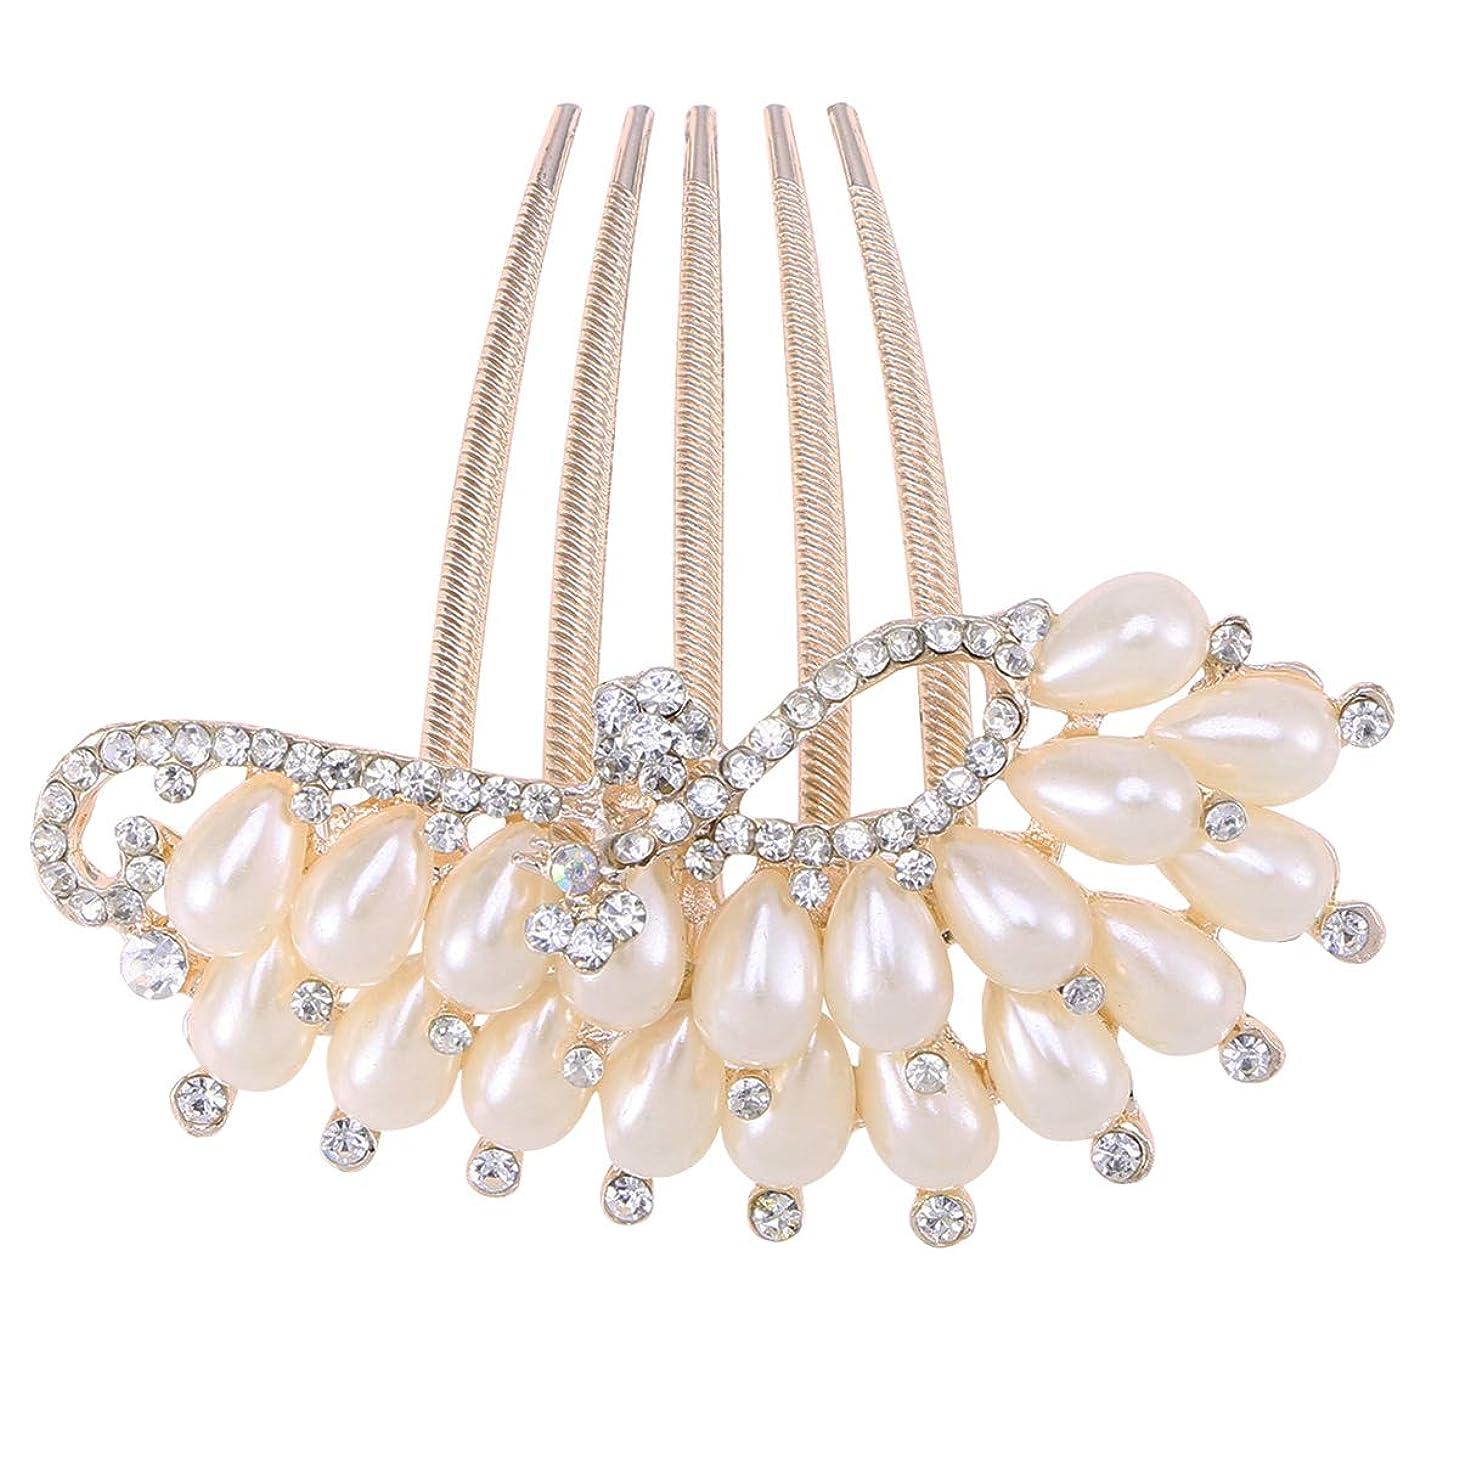 補う失う合意Beaupretty 結婚式の装飾的な髪の櫛の合金クリスタルヘアの櫛の結婚式の頭飾りUpdoの櫛